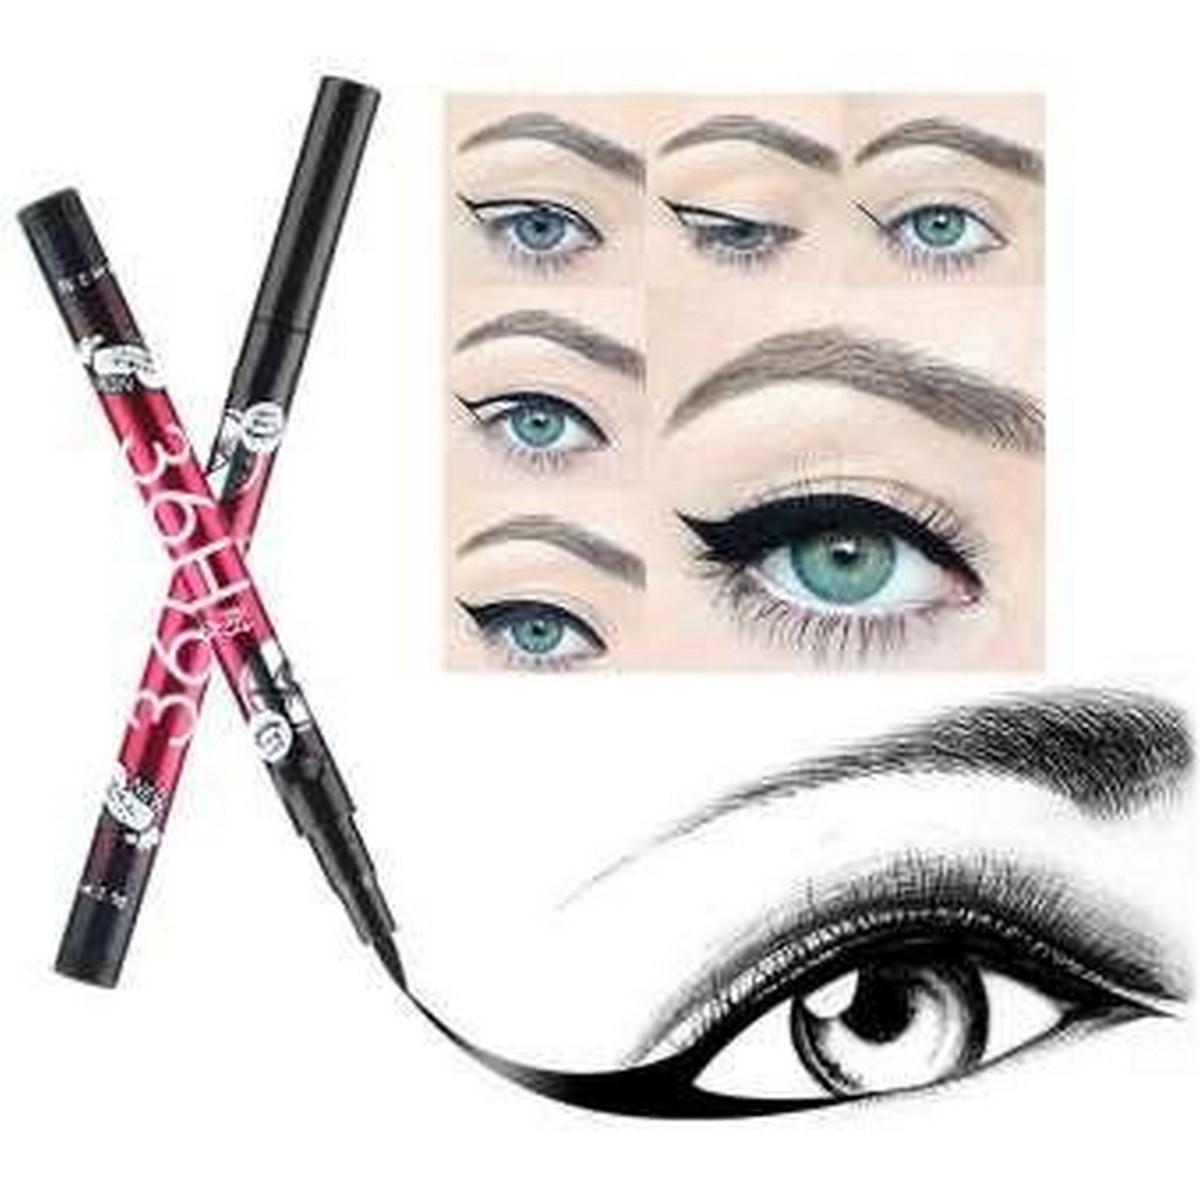 36 Hours Waterproof Black Eye Liner Pen Long Lasting Makeup Eyeliner Liquid Eyes Pencil Cosmetics